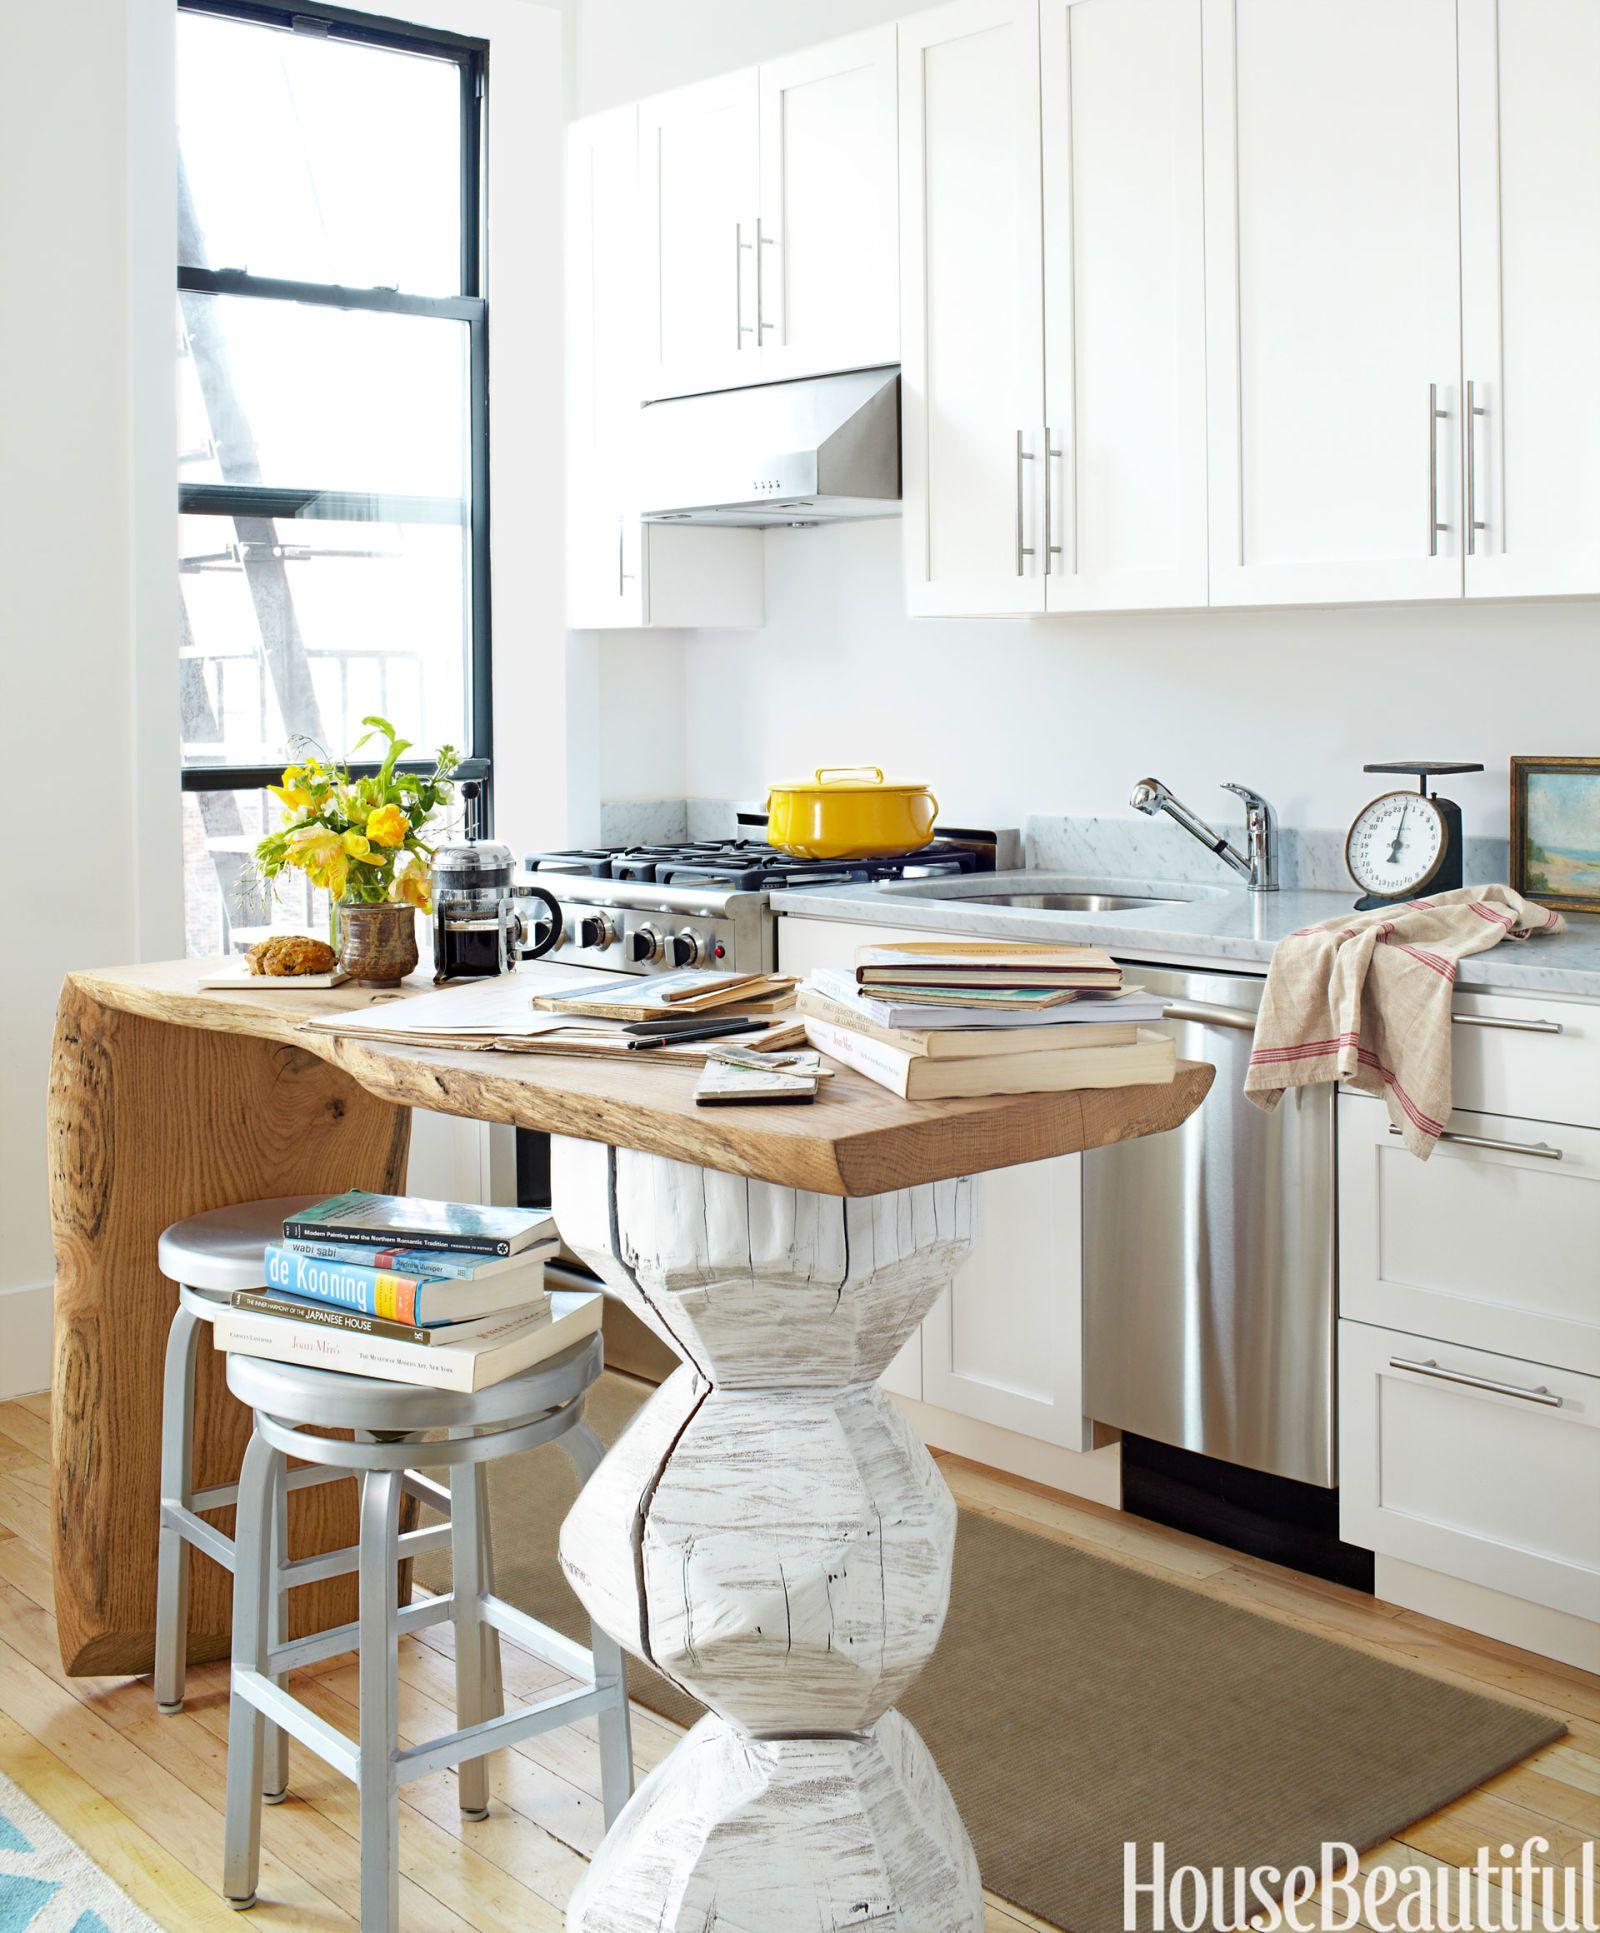 image & Studio Apartment Kitchen Ideas